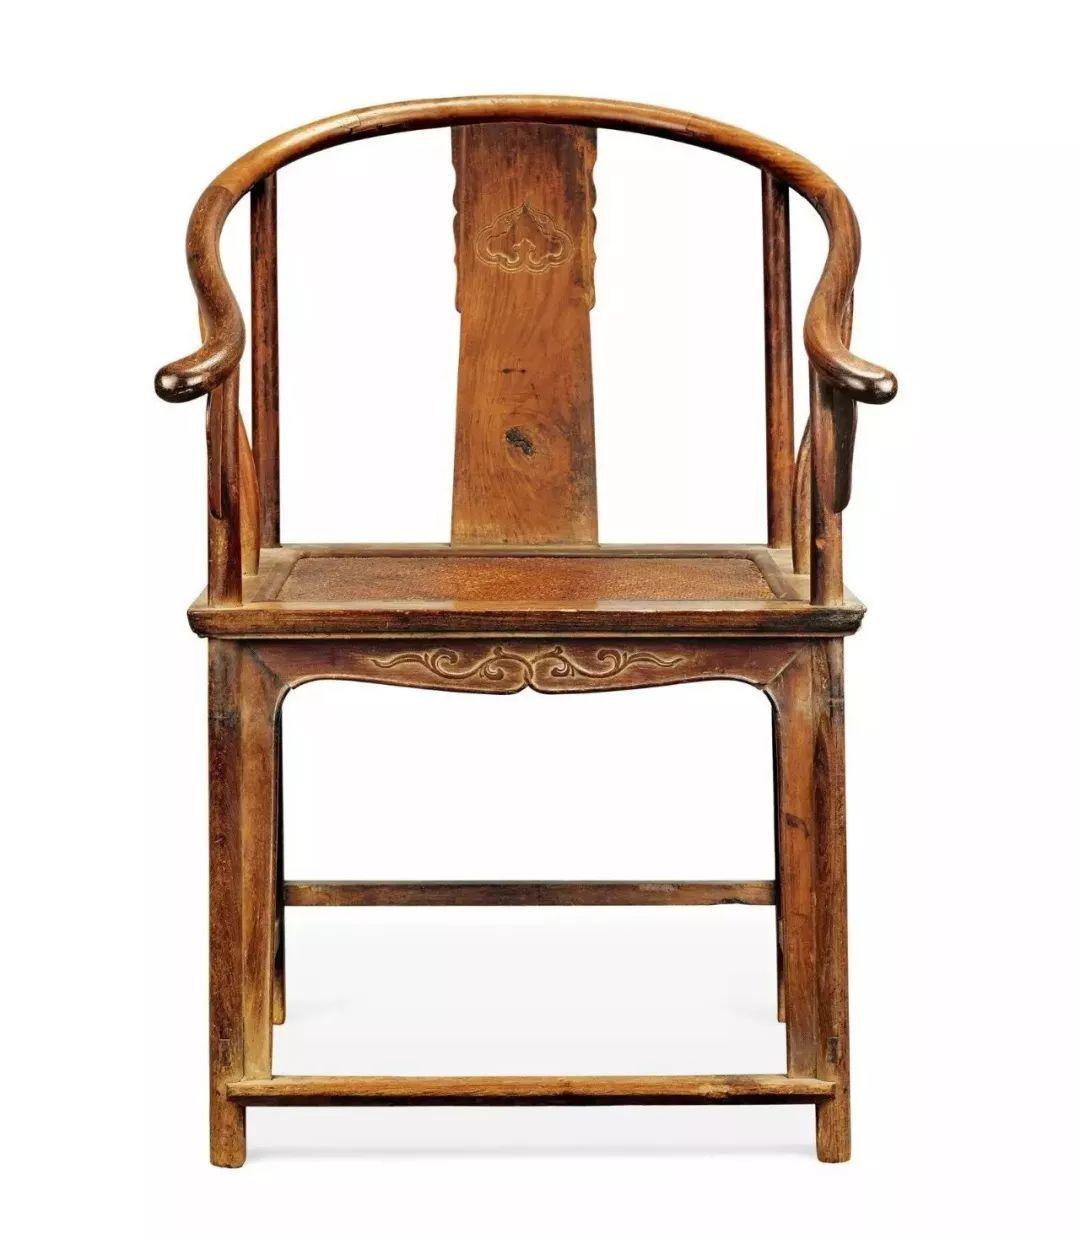 明清时期,大众审美意识对传统家具的影响